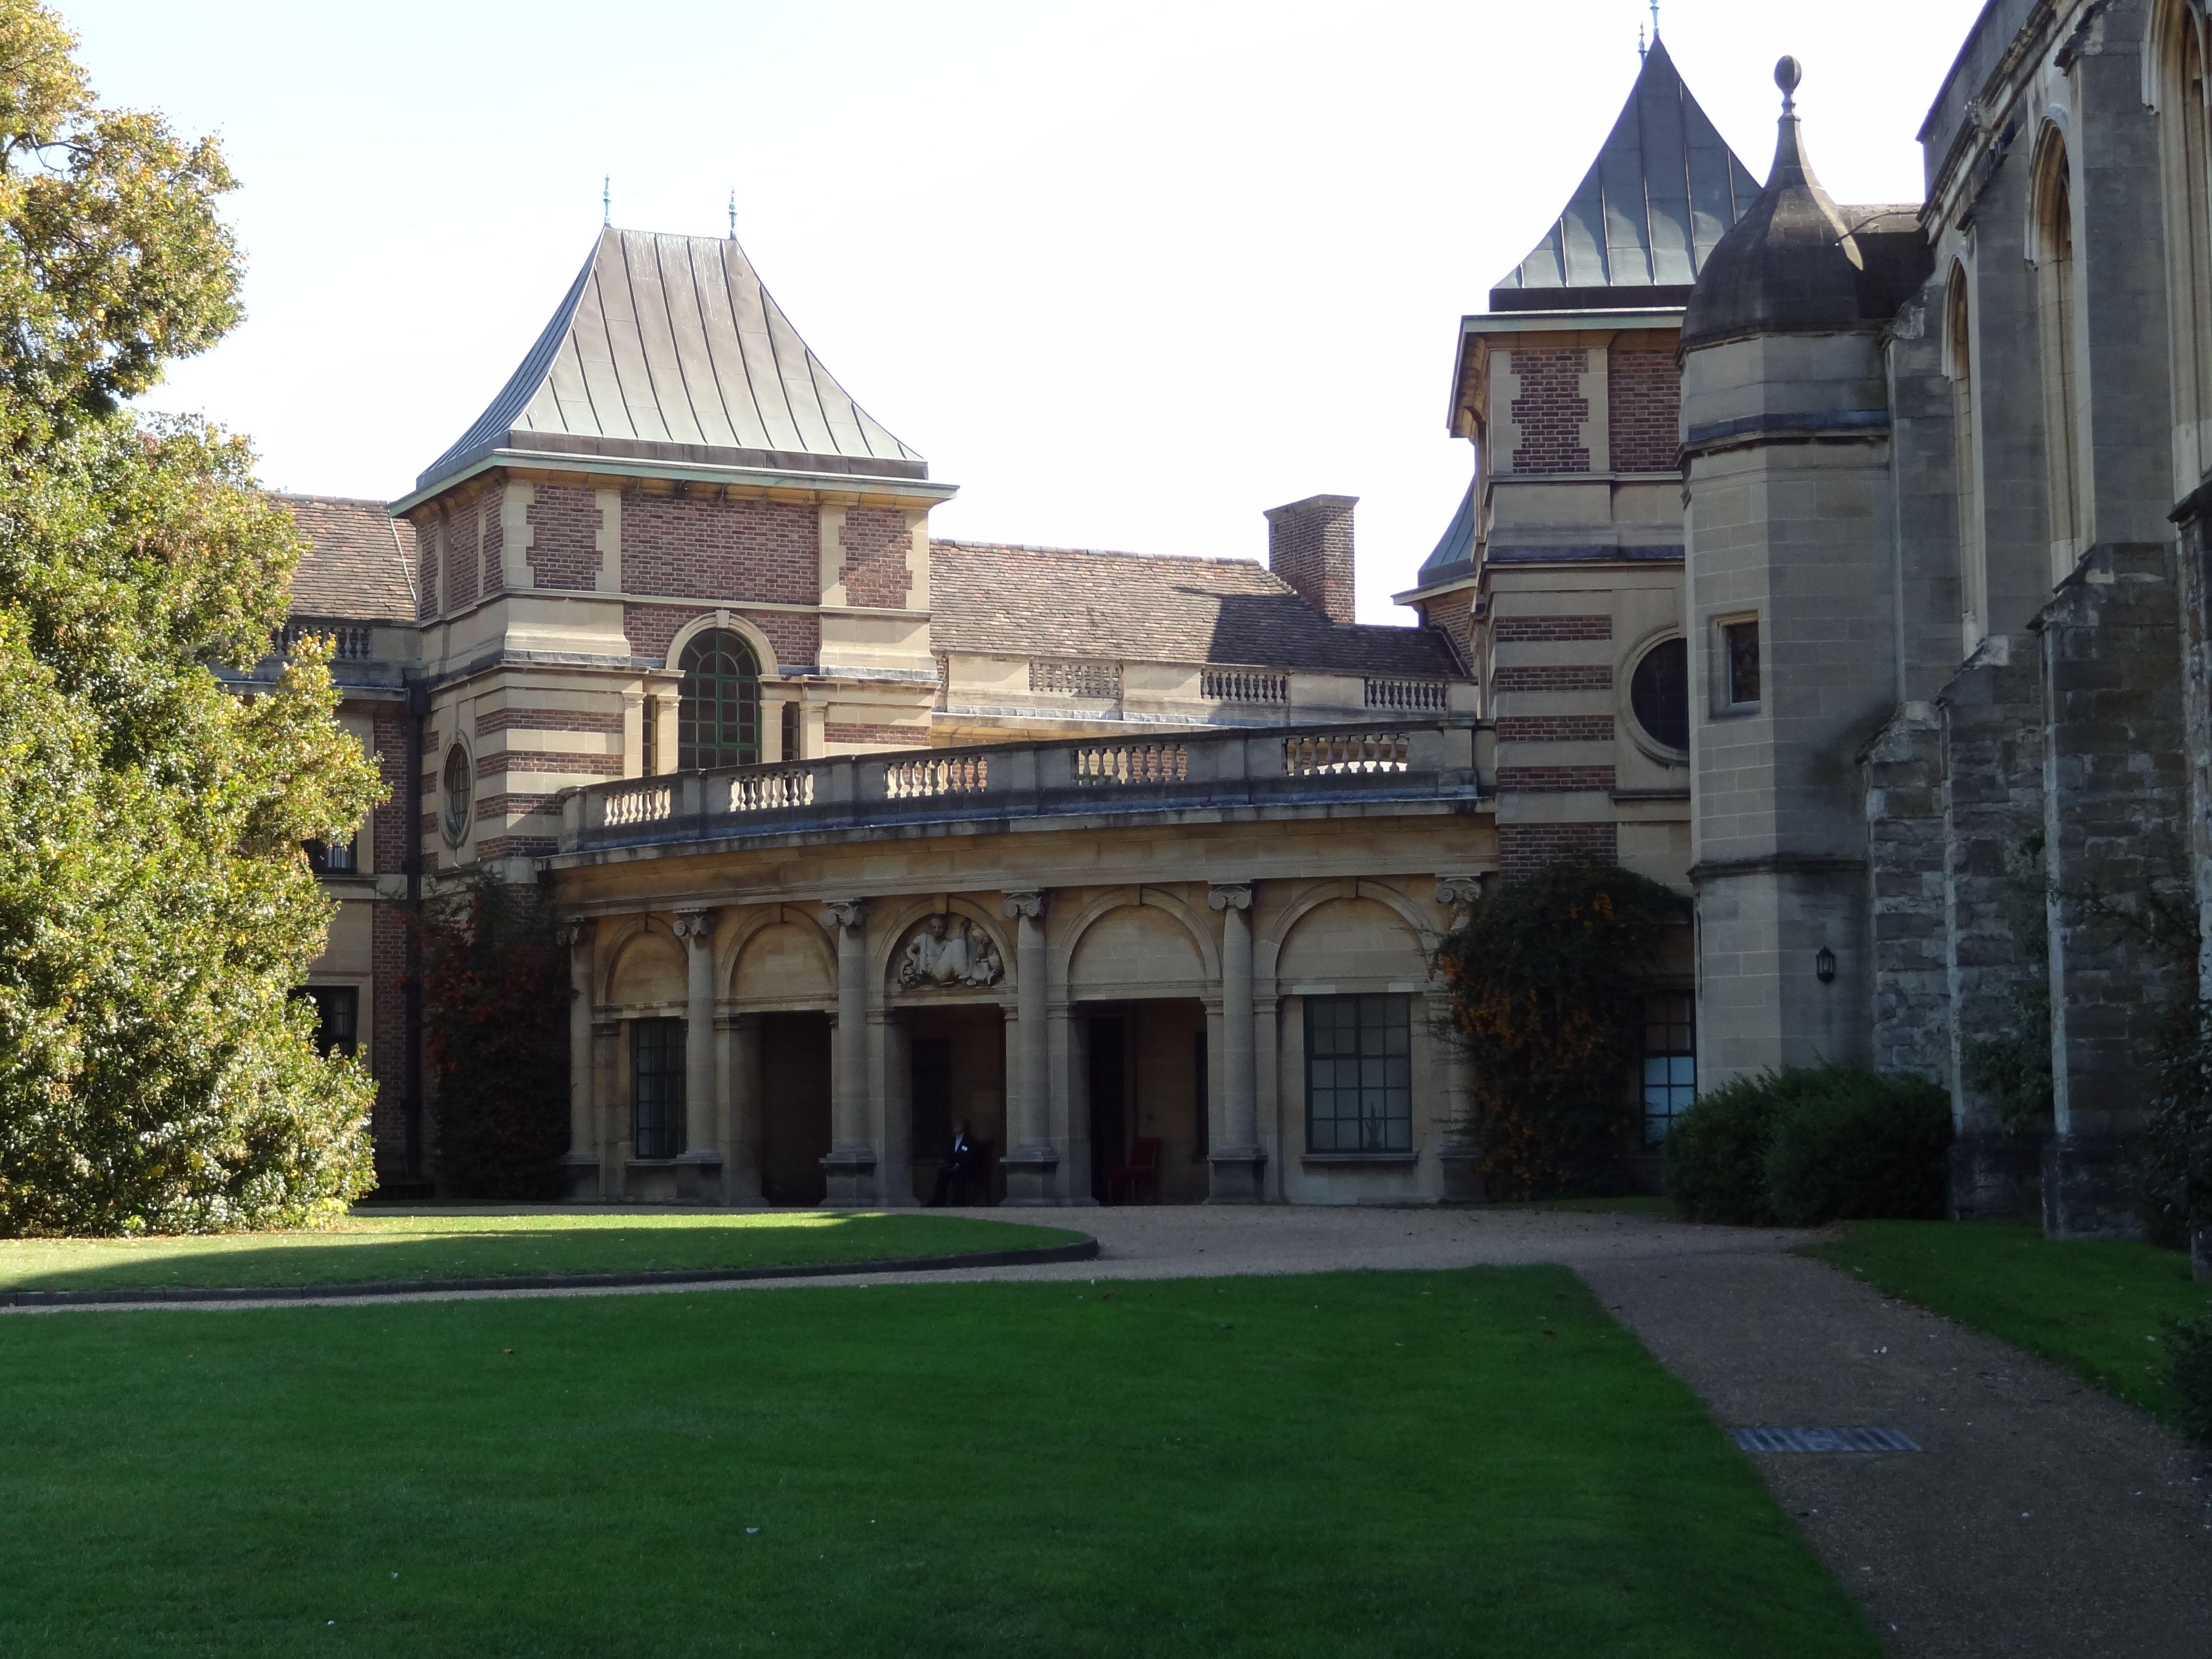 Eltham Palace, London, England. A unique Art Deco mansion